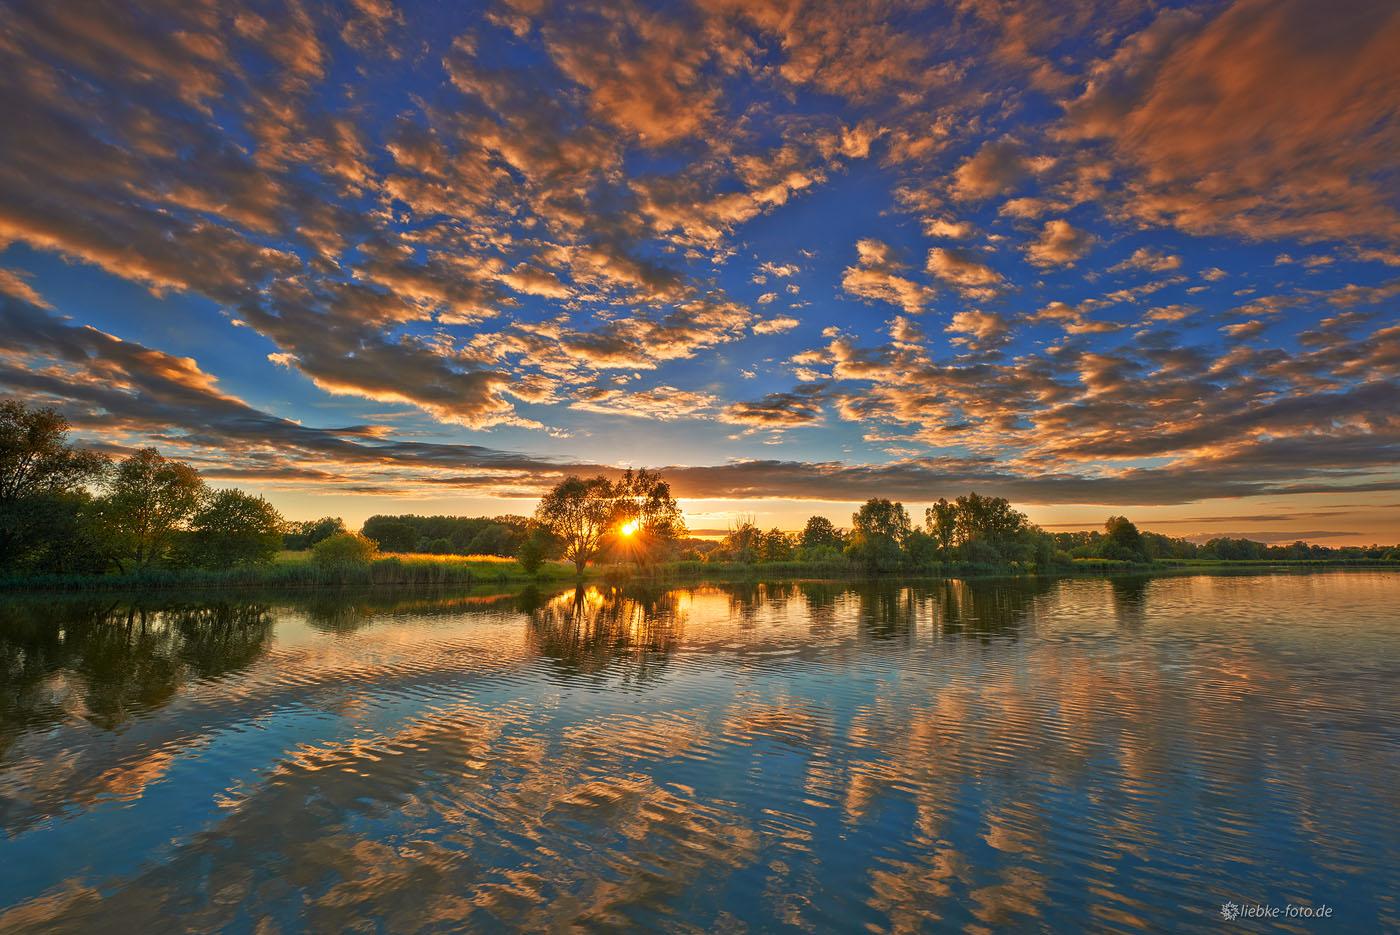 """Der Mühlensee Vehlefanz; Bühne für die """"Abendshow"""" von Sonne und Wolken..."""